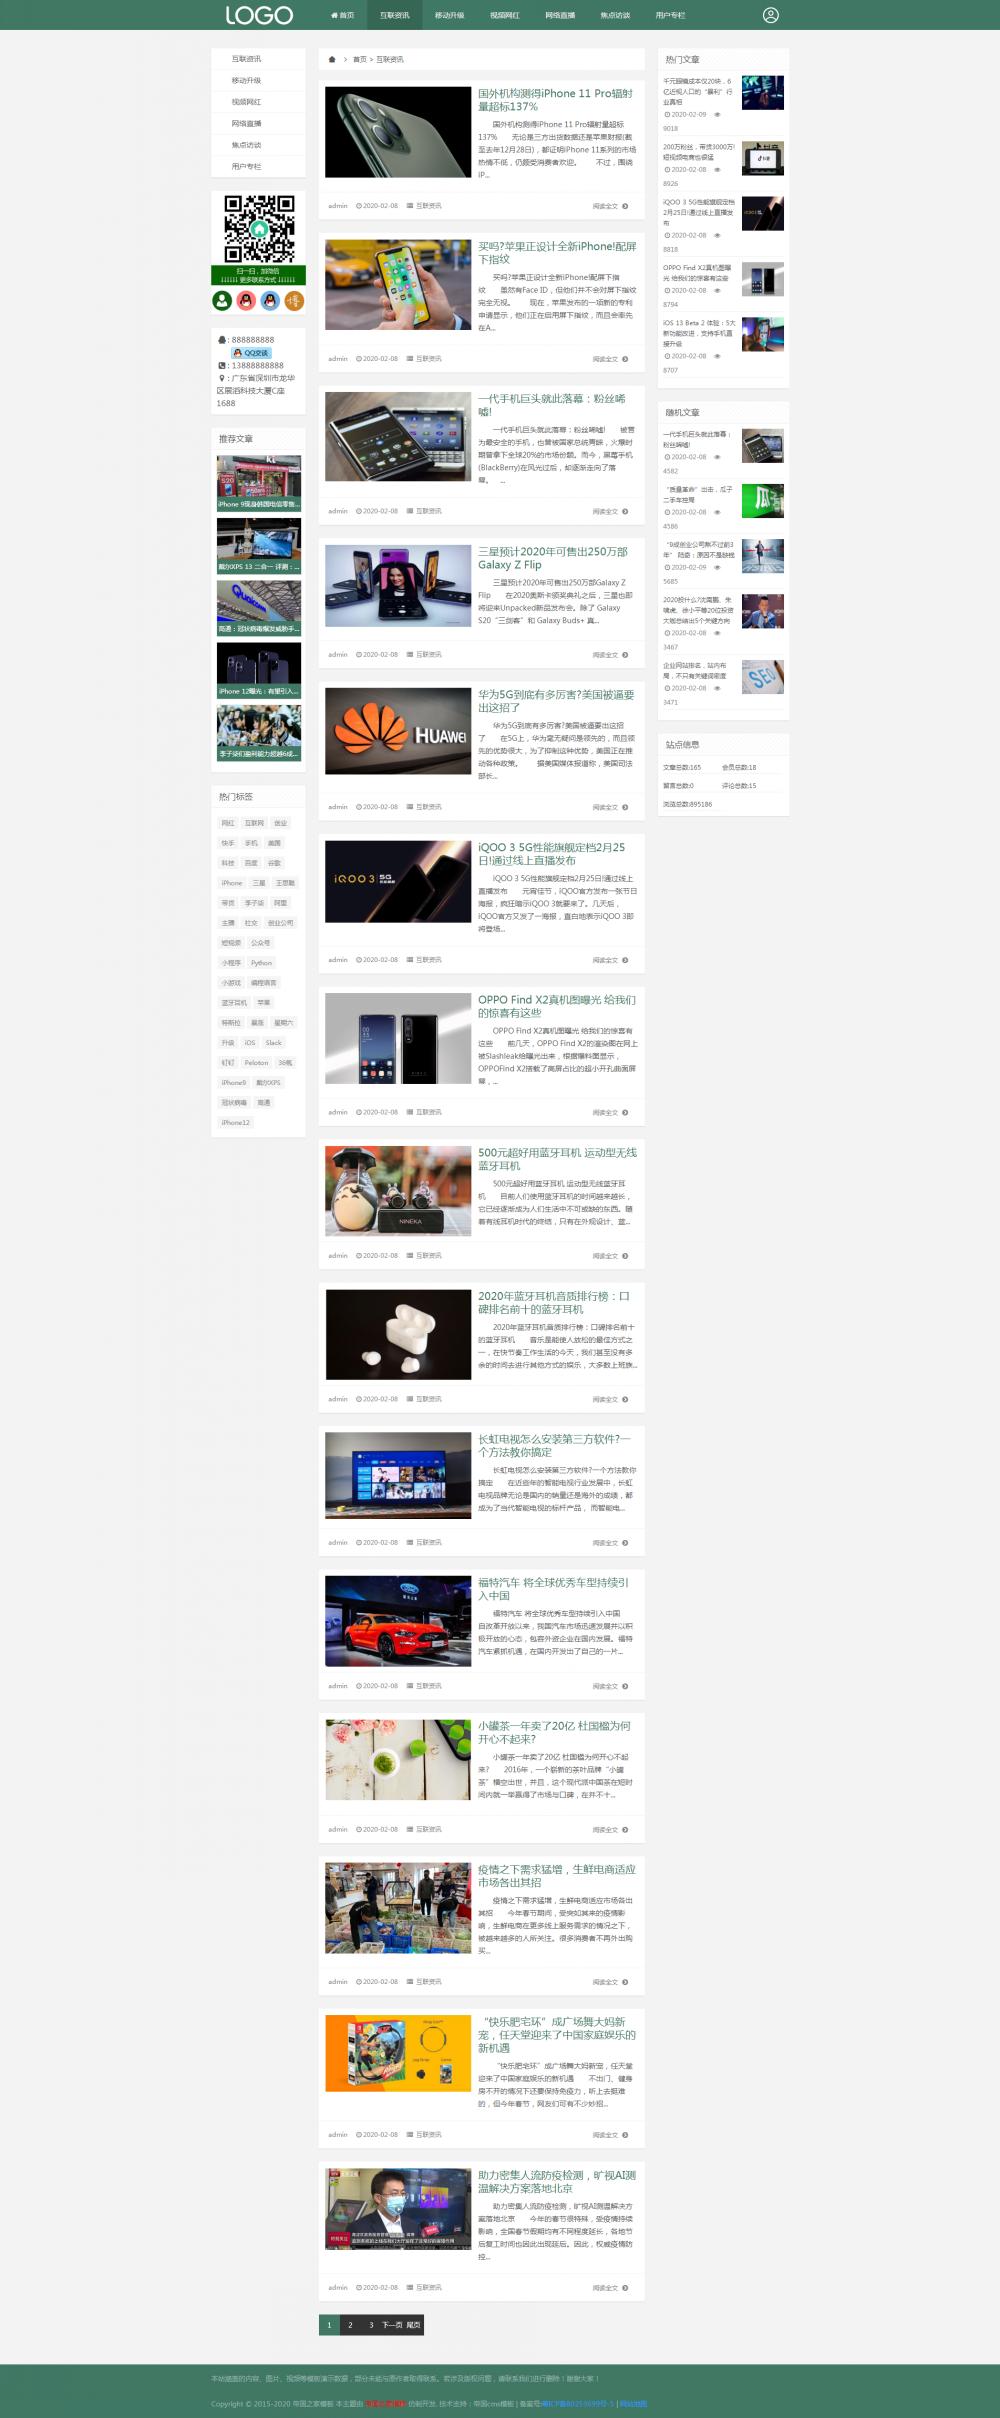 2新闻栏目页.png [DG-0154]响应式三栏新闻帝国cms模板 自适应自媒体新闻帝国网站模板(一) 新闻资讯 第2张